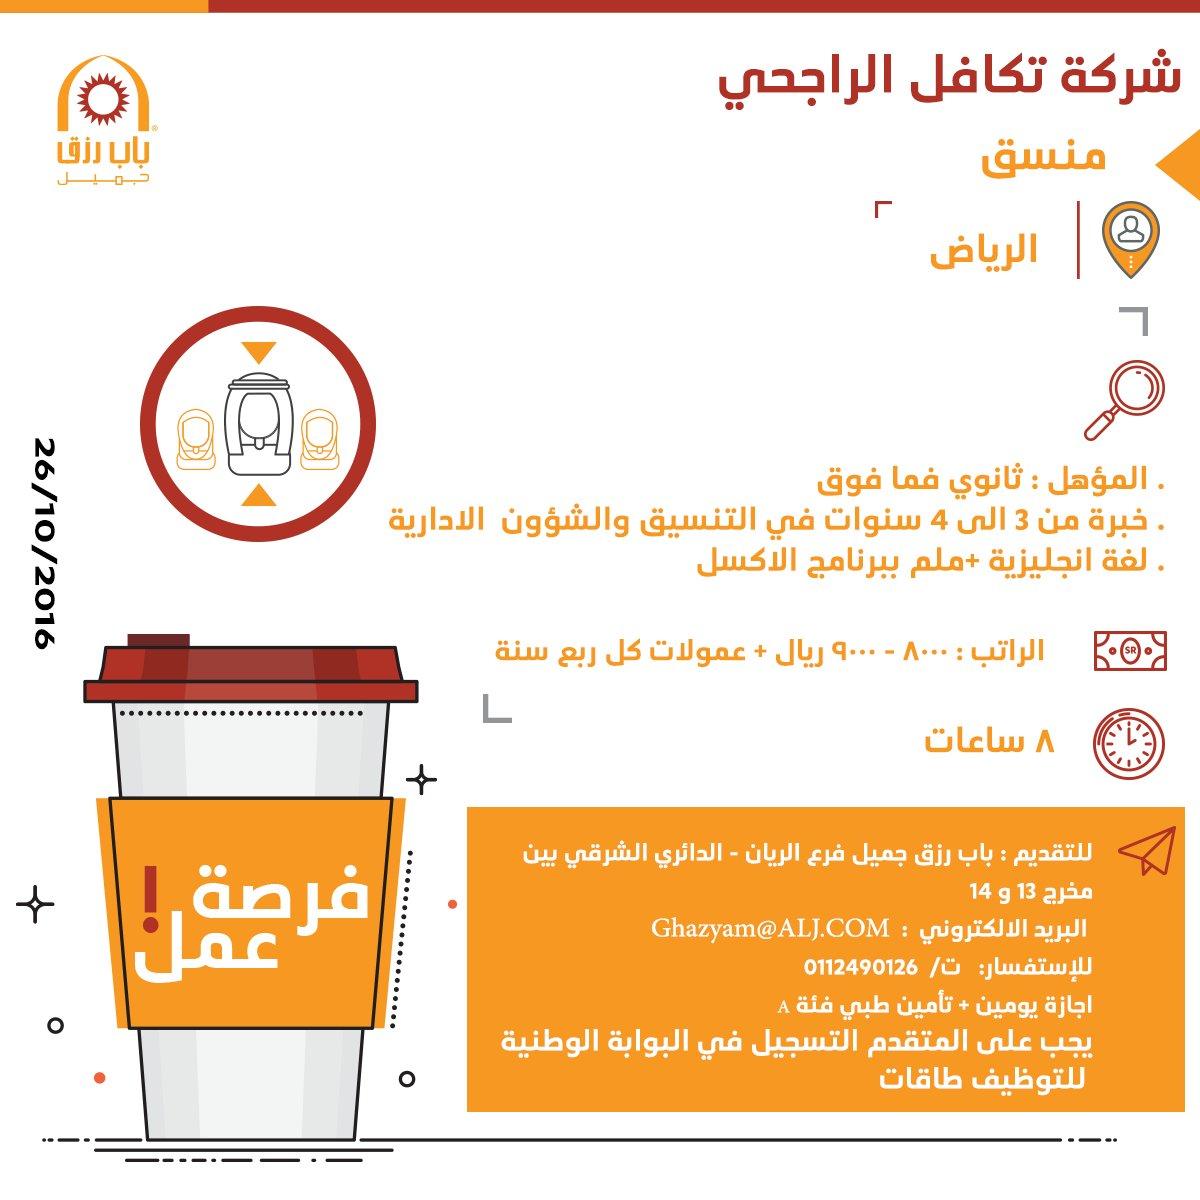 مطلوب منسق لشركة تكافل الراجحي - الرياض